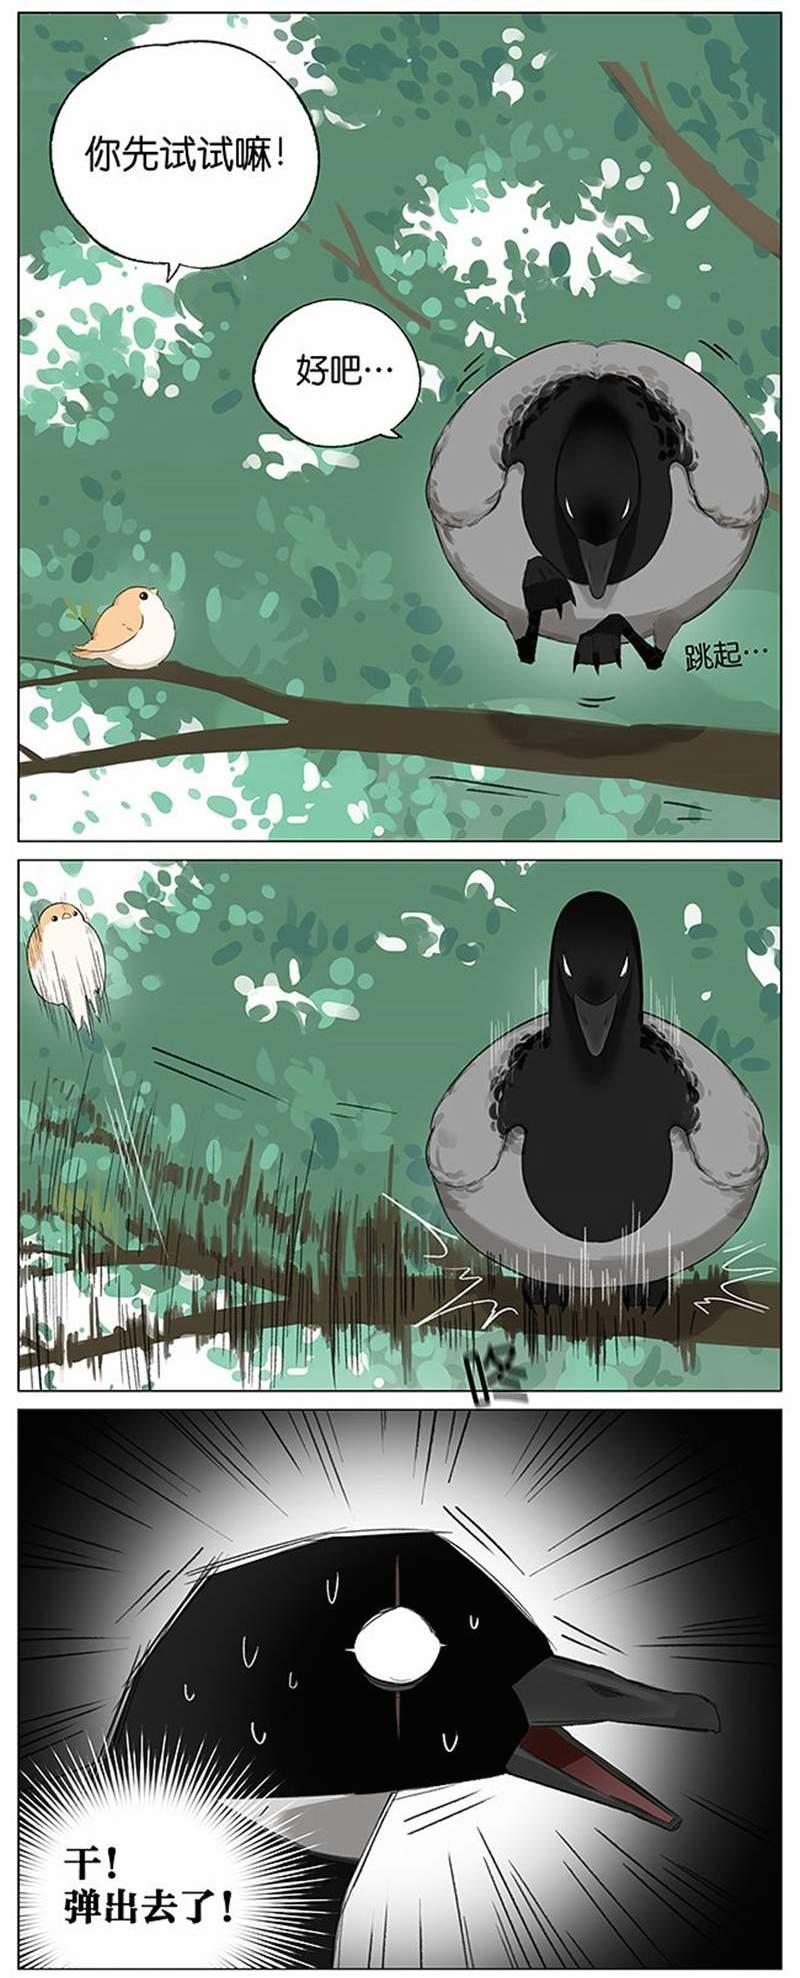 當北方的黑雁遇上南方的麻雀 「讓心融化的」超萌漫畫誕生!竟然因為鳥類心動了~